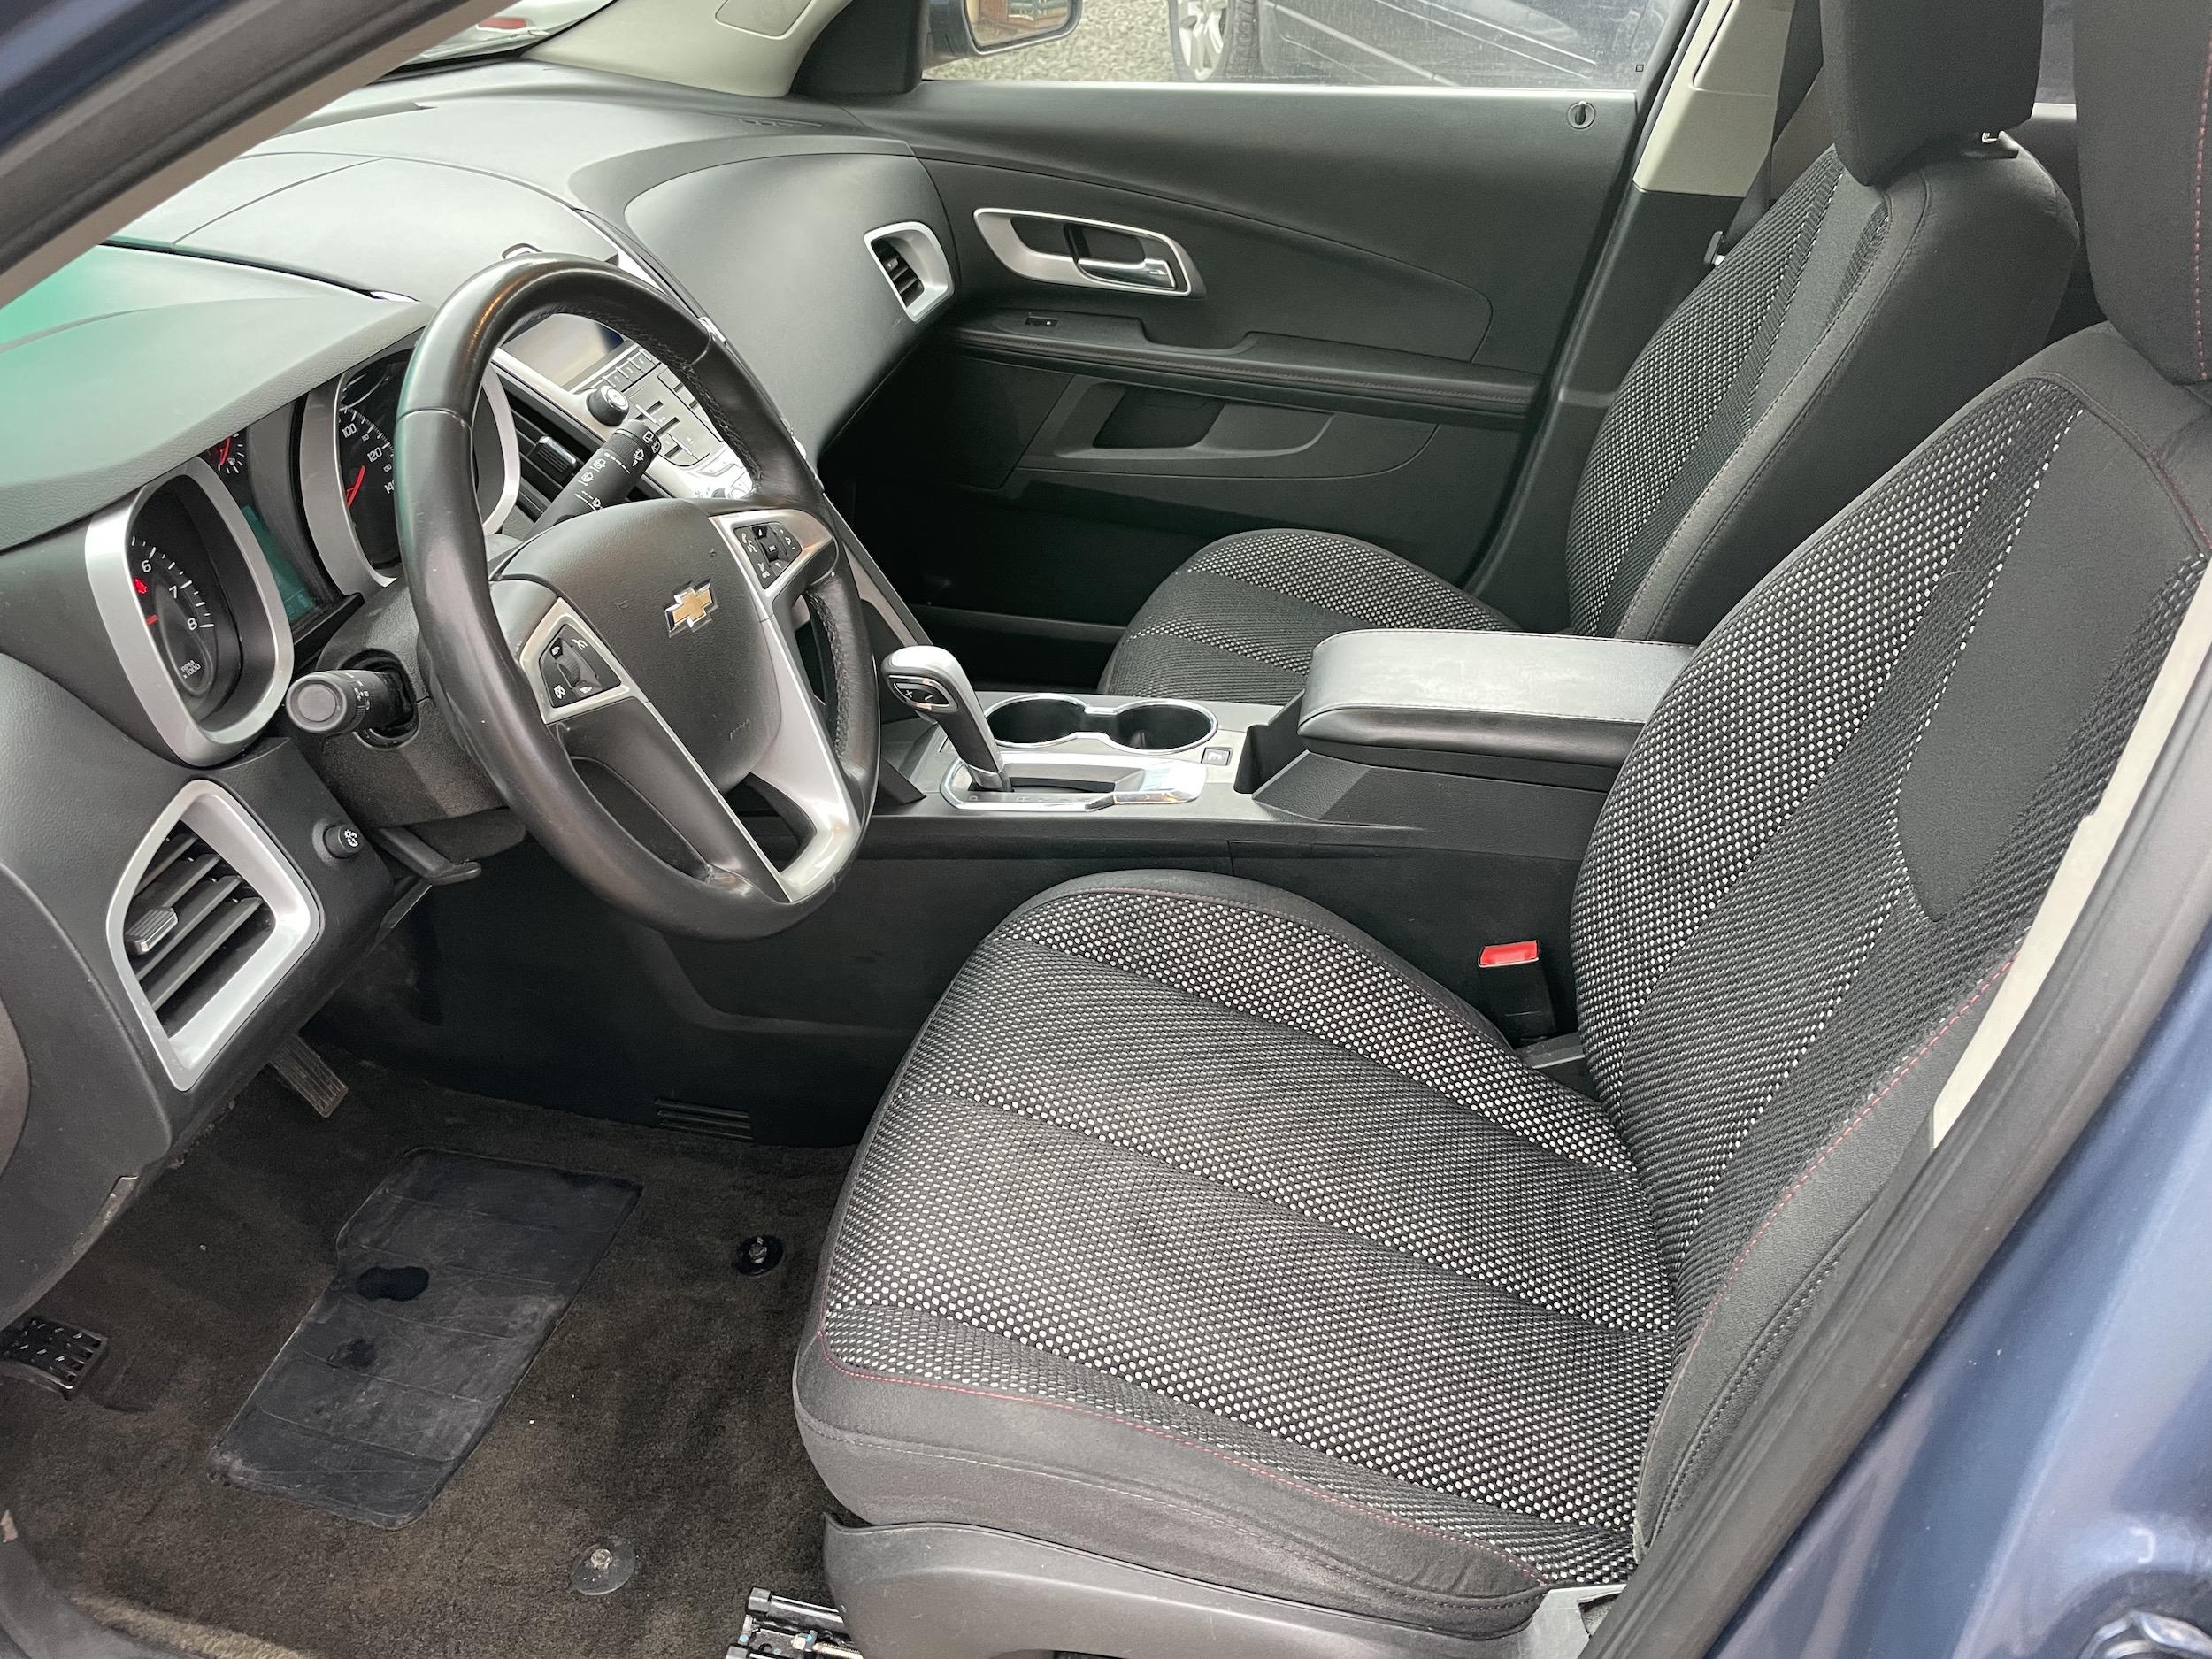 2011 Chevrolet Equinox full